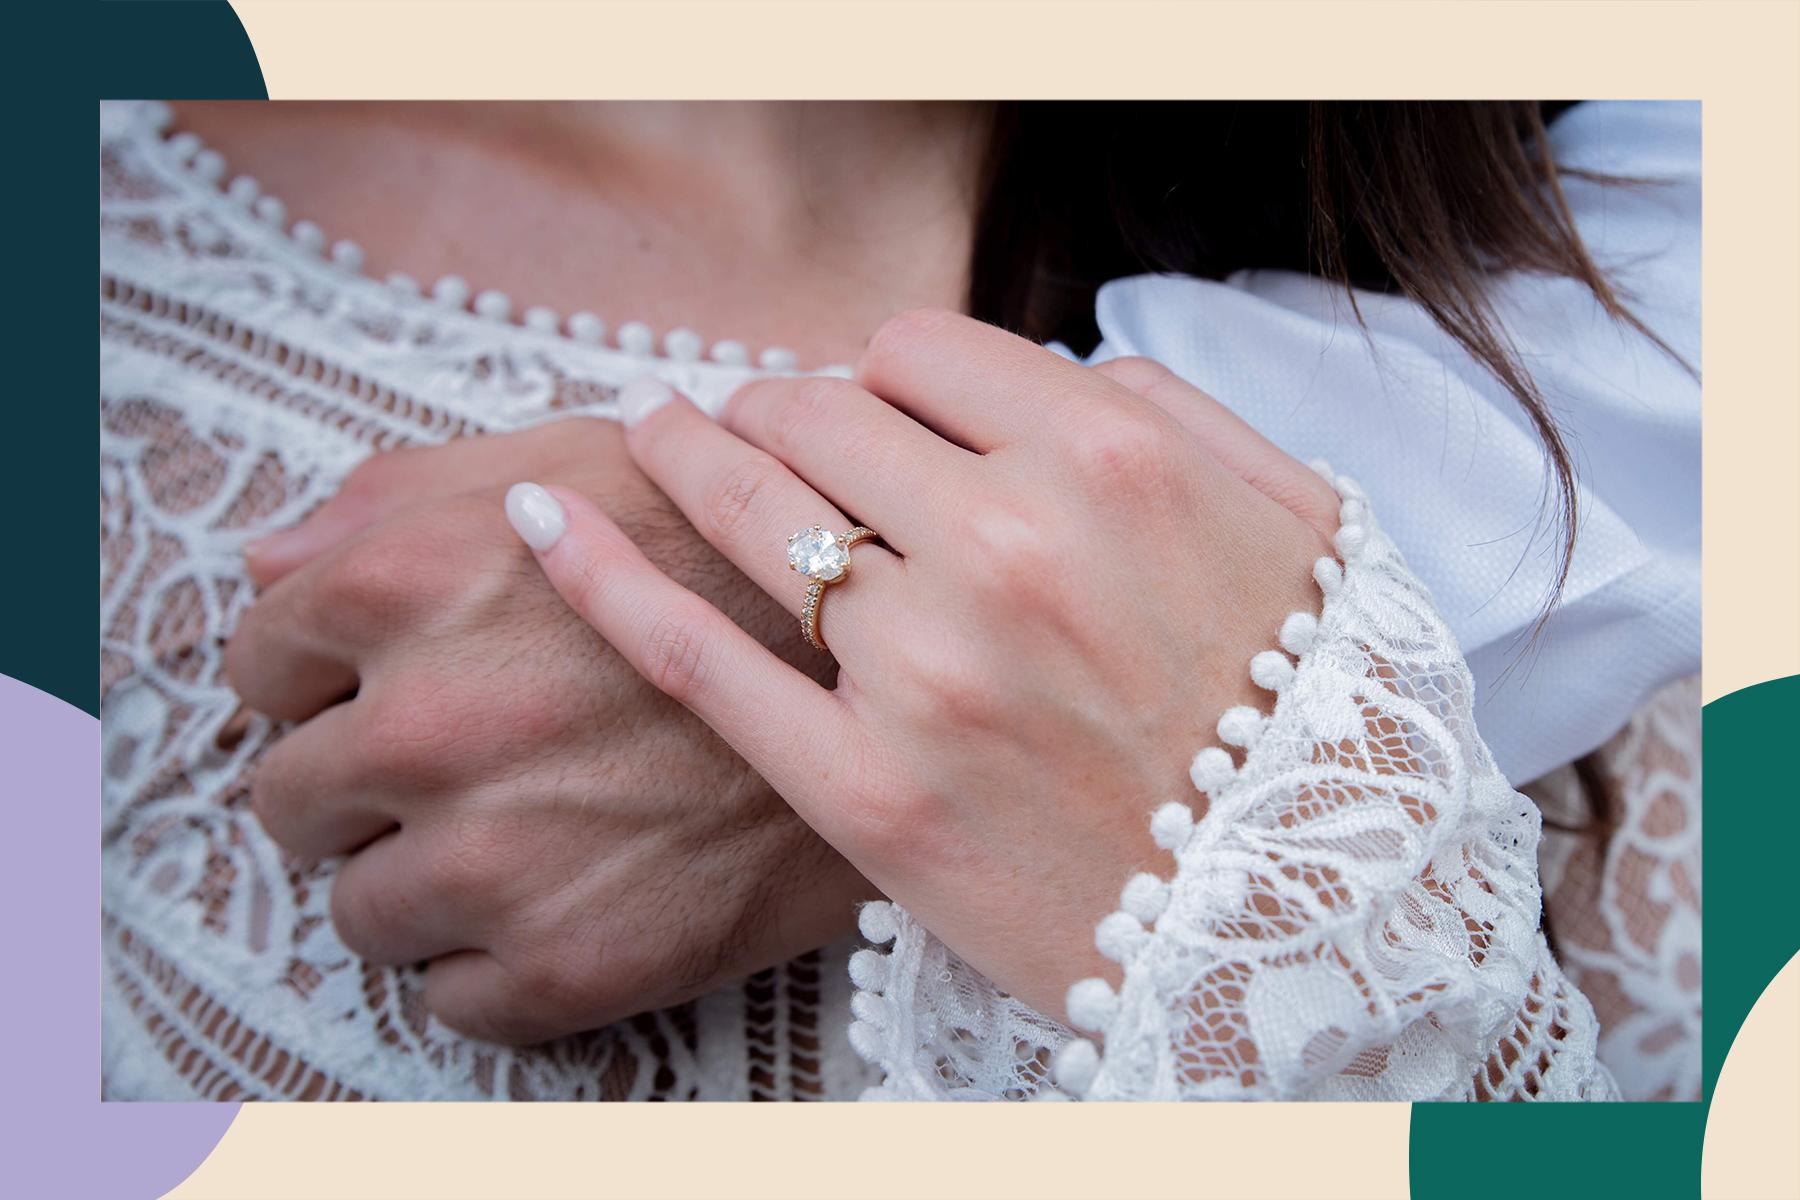 engagement nails nail polish colors